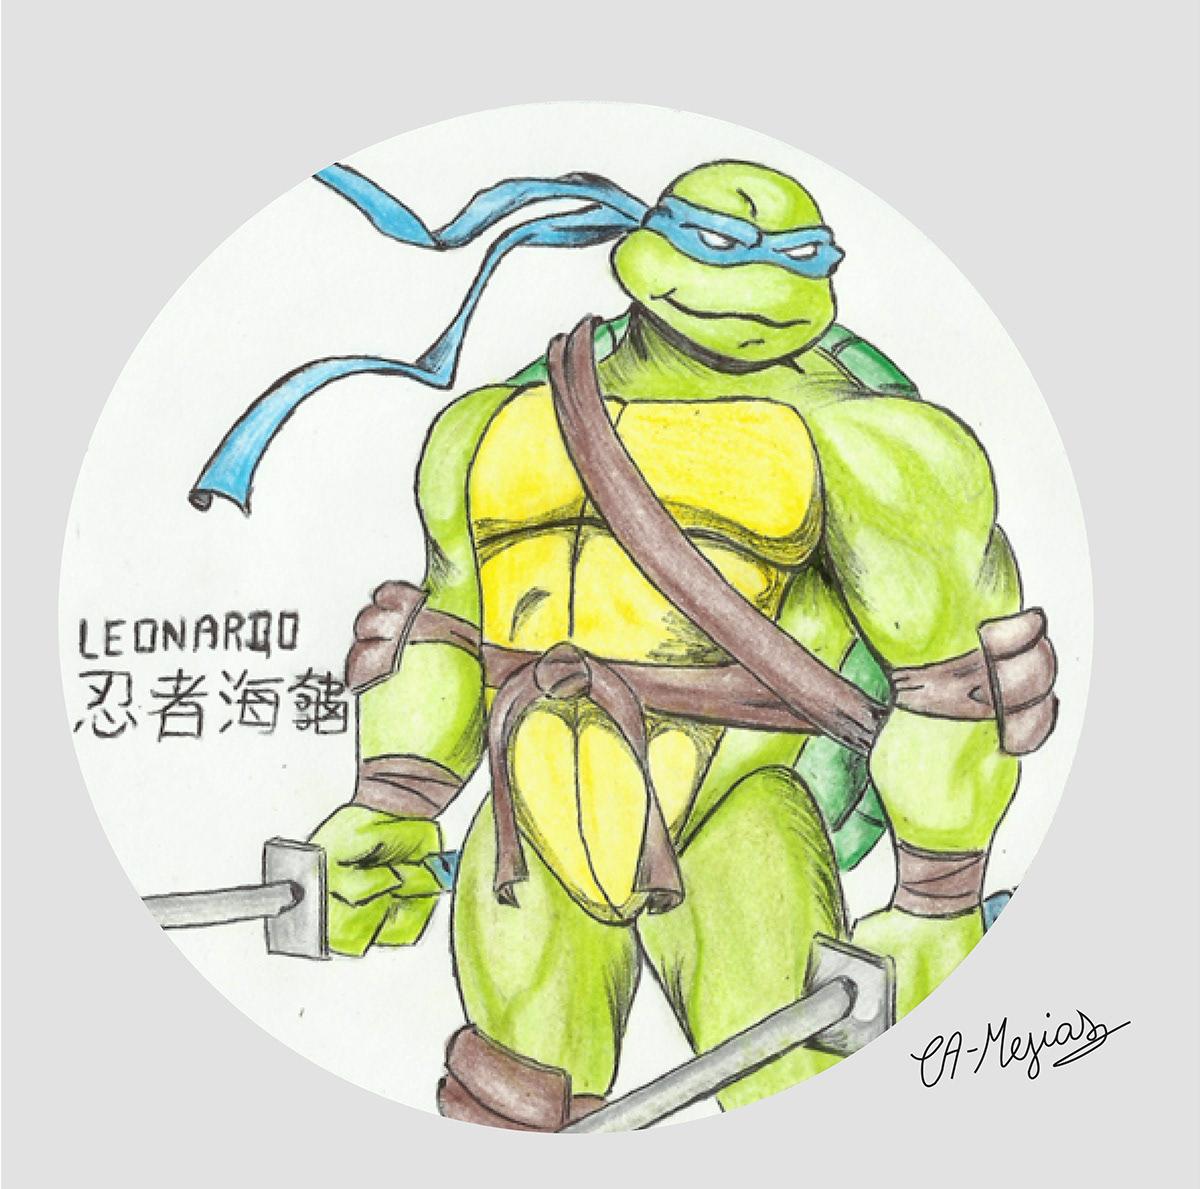 Colección De Las Tortugas Ninja 2003 On Pantone Canvas Gallery